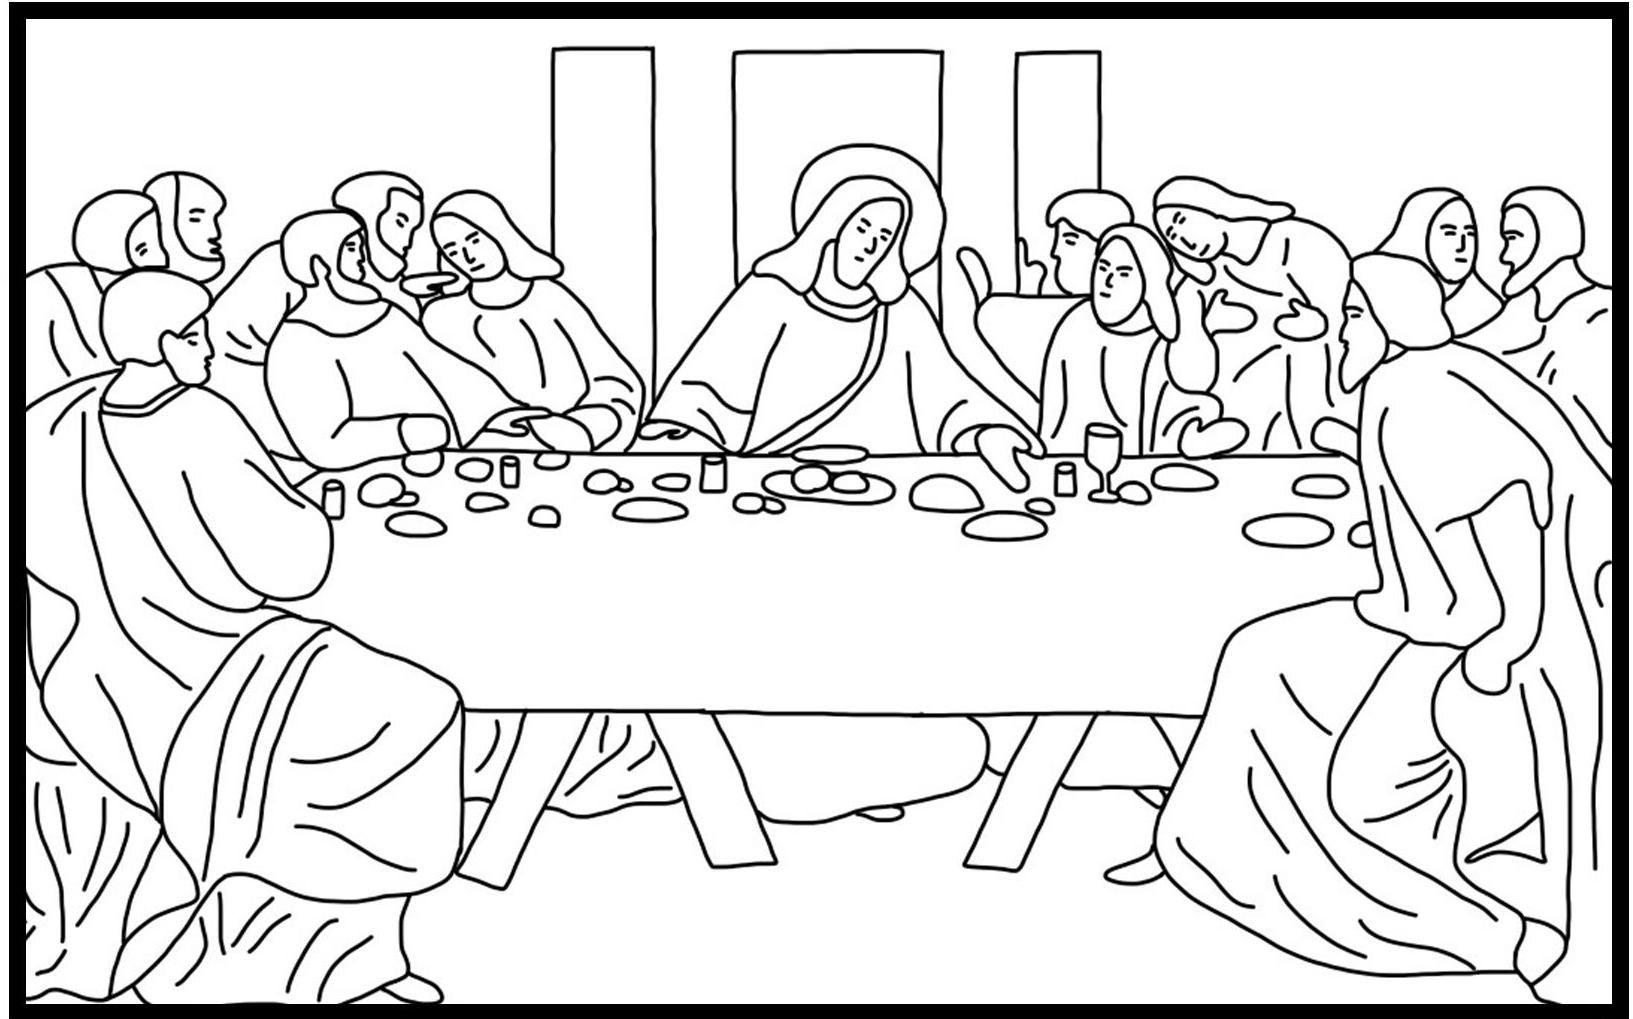 leonardo da vinci the last supper coloring page lent coloring pages coloring pages coloring pages for supper page coloring da vinci the leonardo last